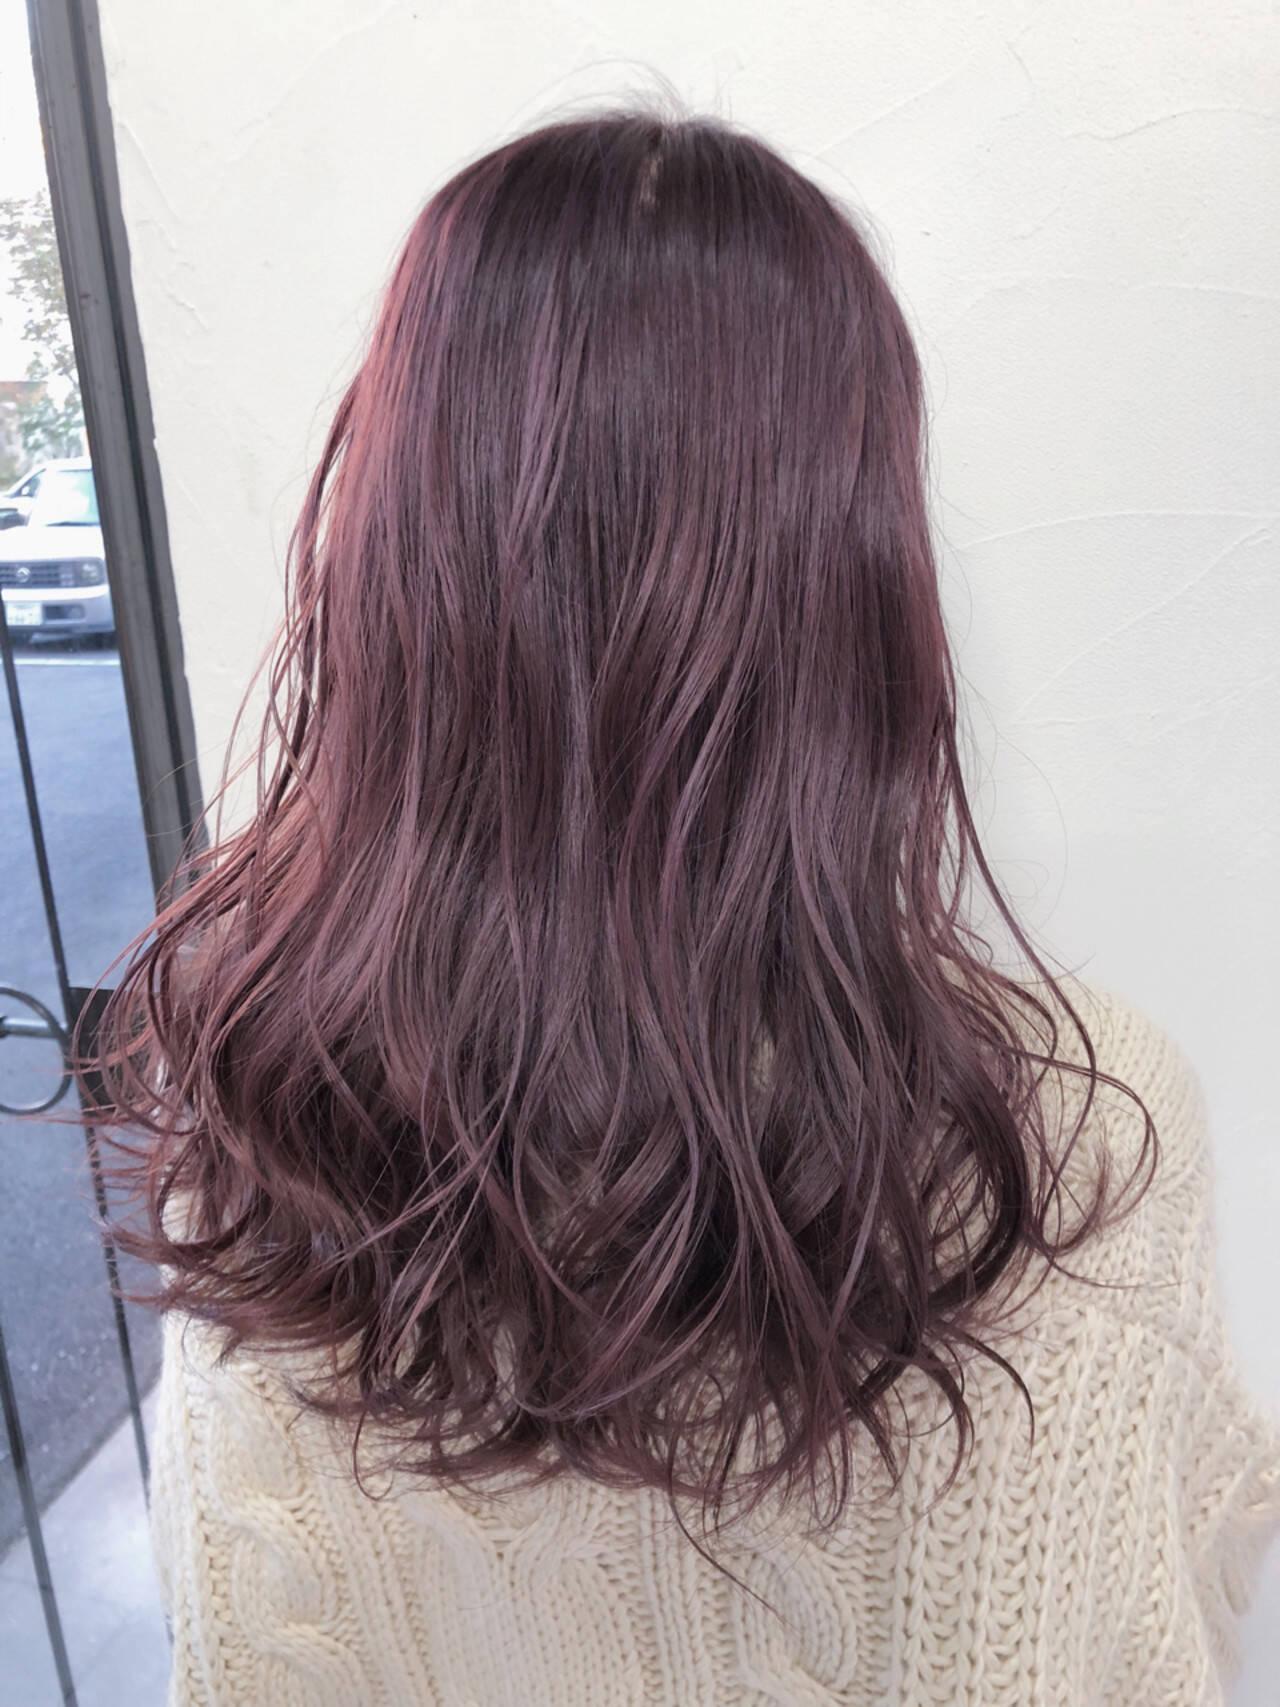 ベリーピンク フェミニン セミロング ベージュヘアスタイルや髪型の写真・画像